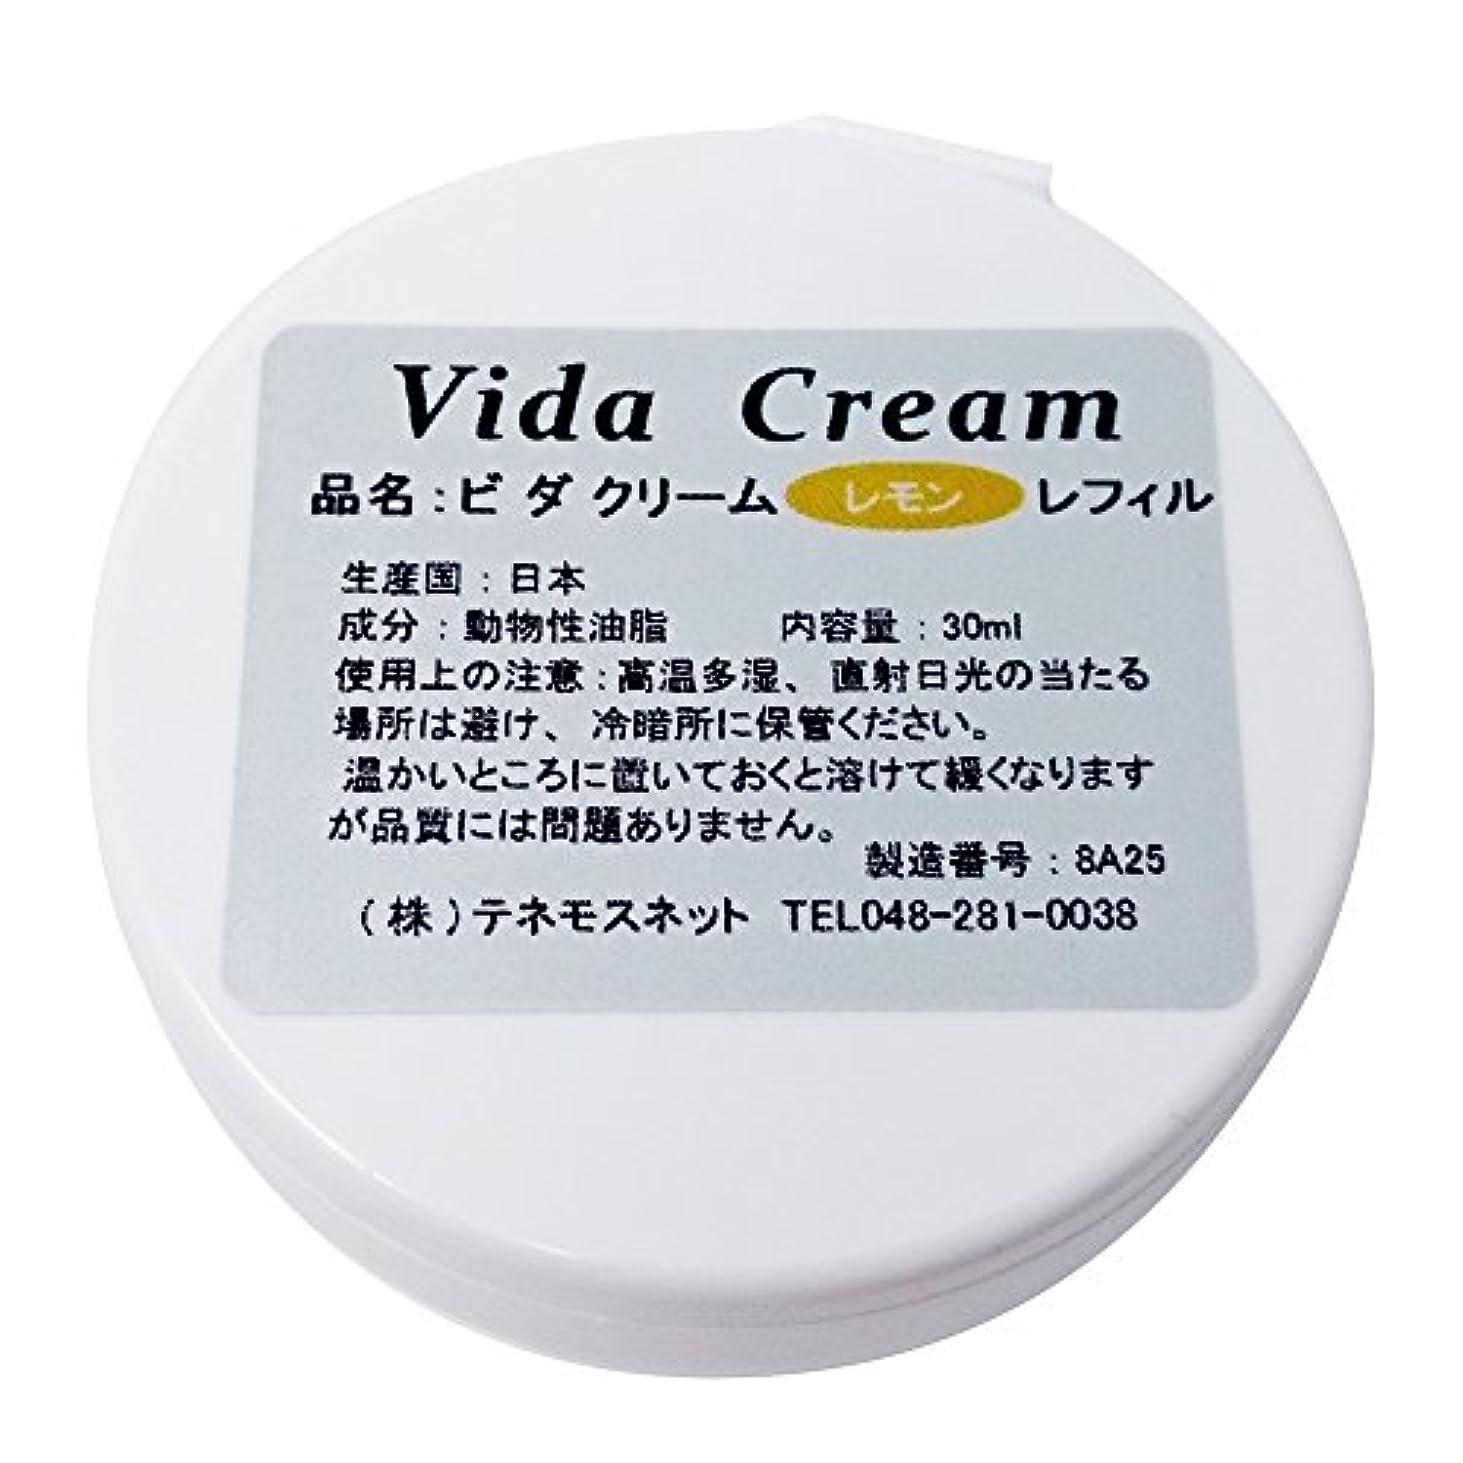 役員気づくなる競争力のあるテネモス ビダクリーム Vida Cream ほのかレモン レフィル 付替用 30ml